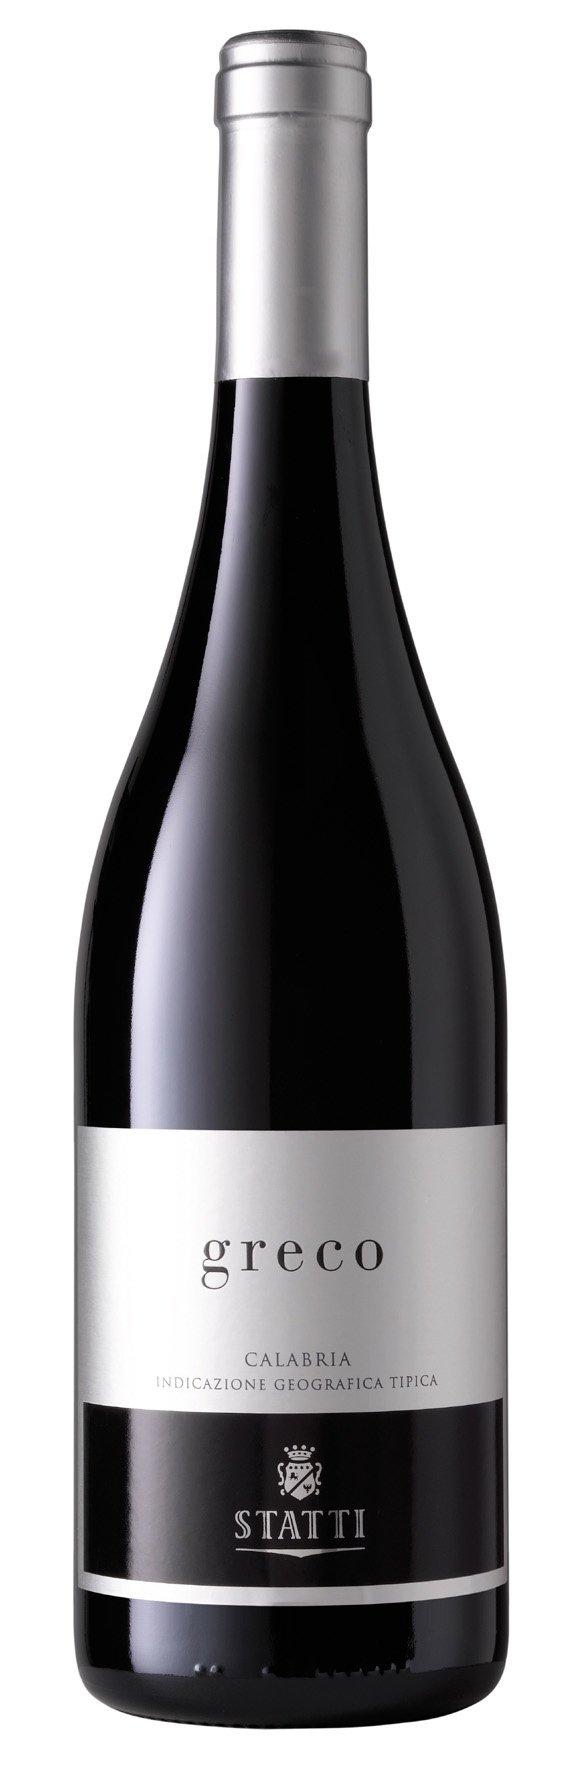 6-x-075l-2017er-Statti-Greco-Calabria-IGT-Kalabrien-Italien-Weiwein-trocken